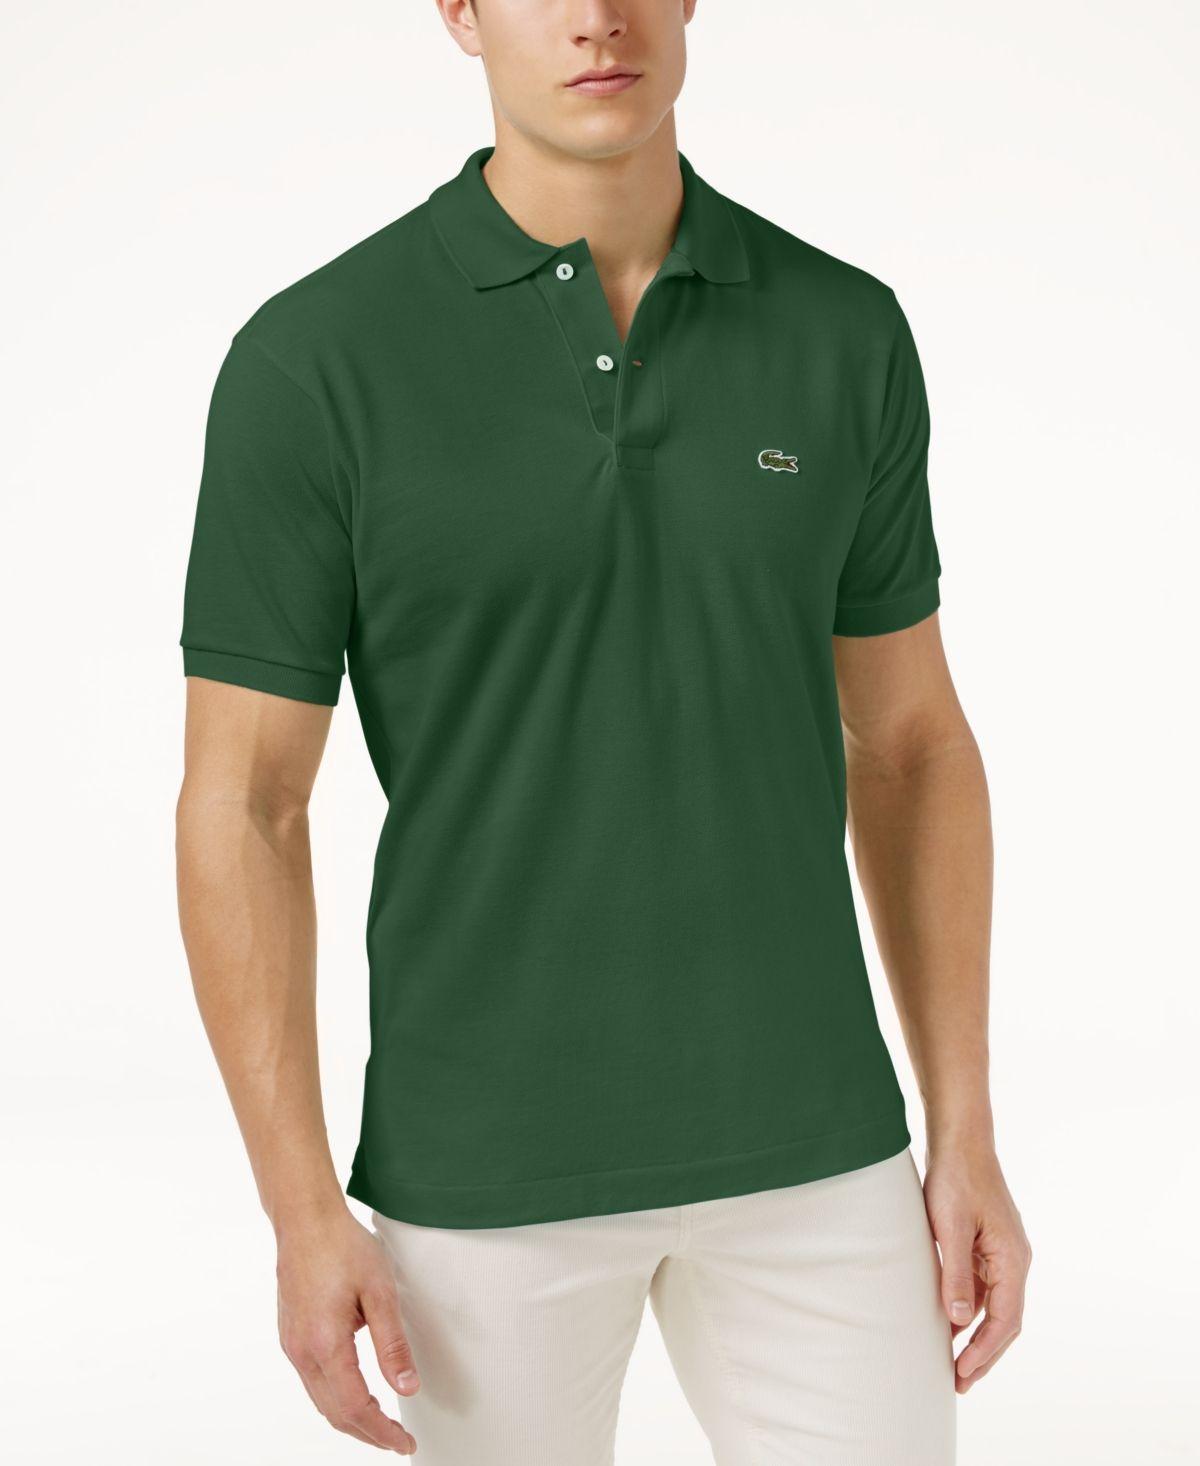 Lacoste Men's Classic Fit Pique Polo Shirt, L.12.12 & Reviews ...